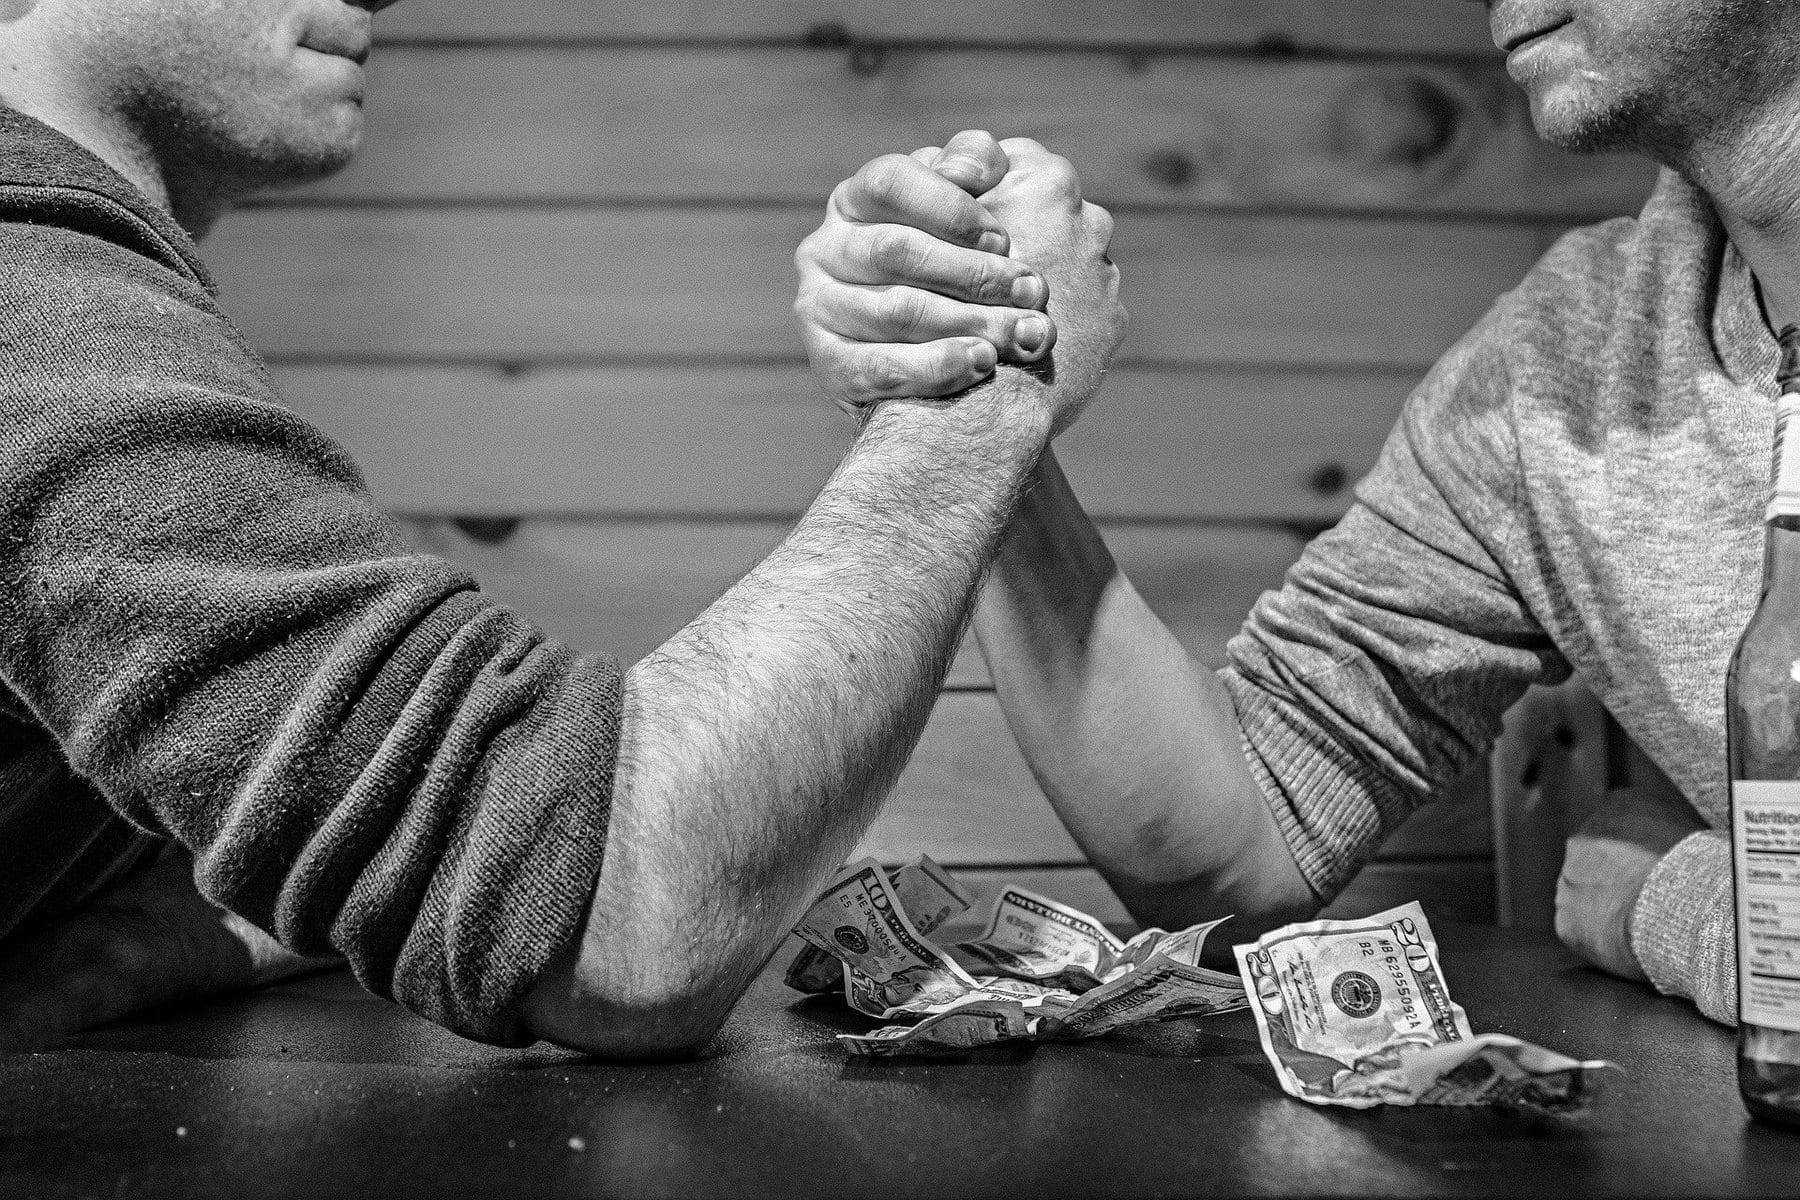 Comment amasser de l'argent facilement légalement et rapidement